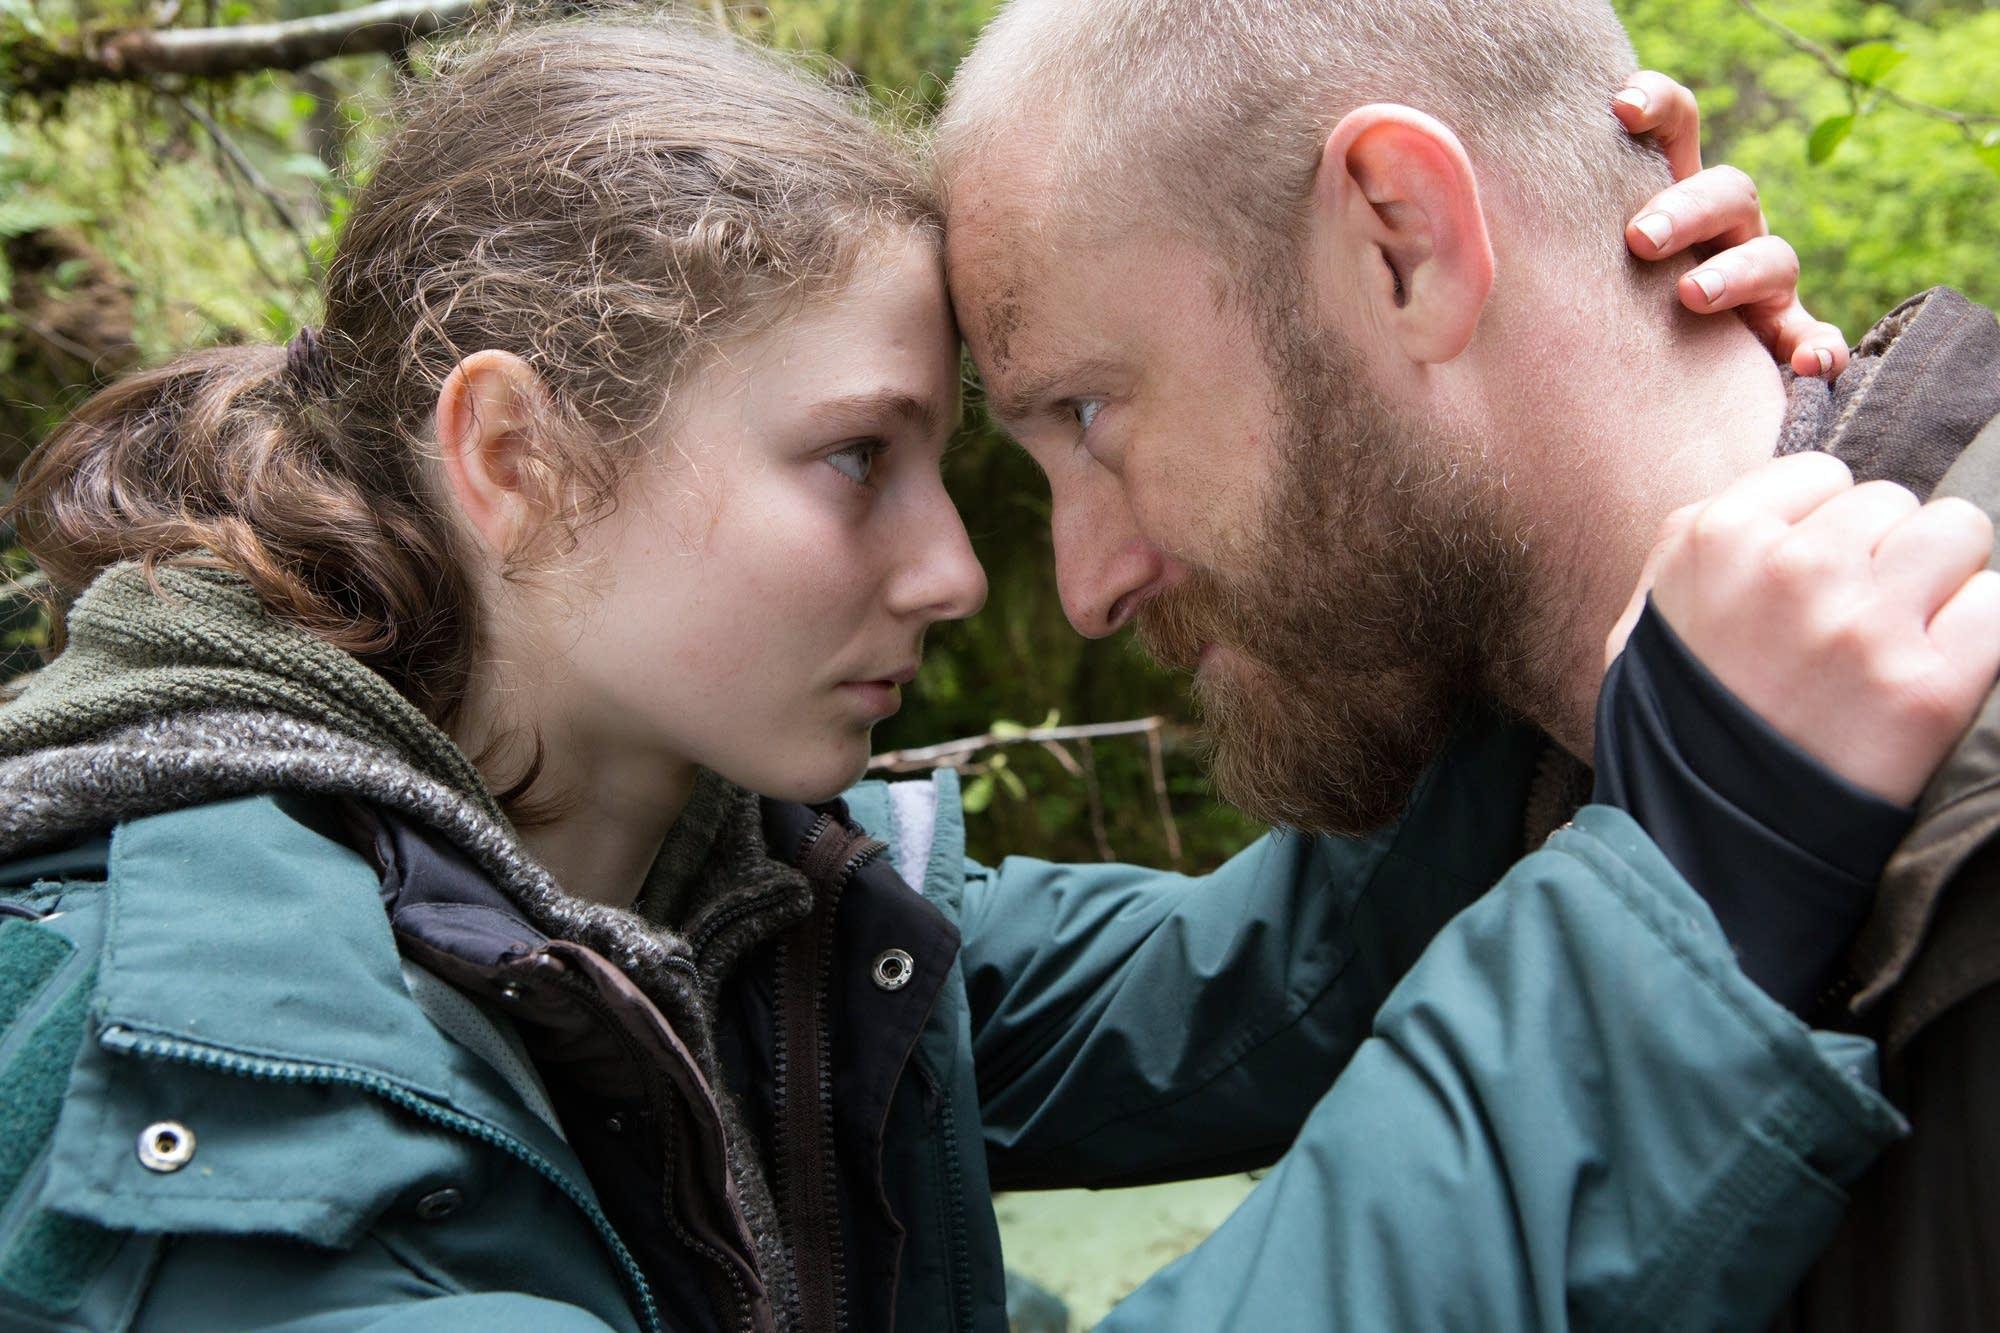 Thomasin Harcourt McKenzie and Ben Foster in Debra Granik's new movie.